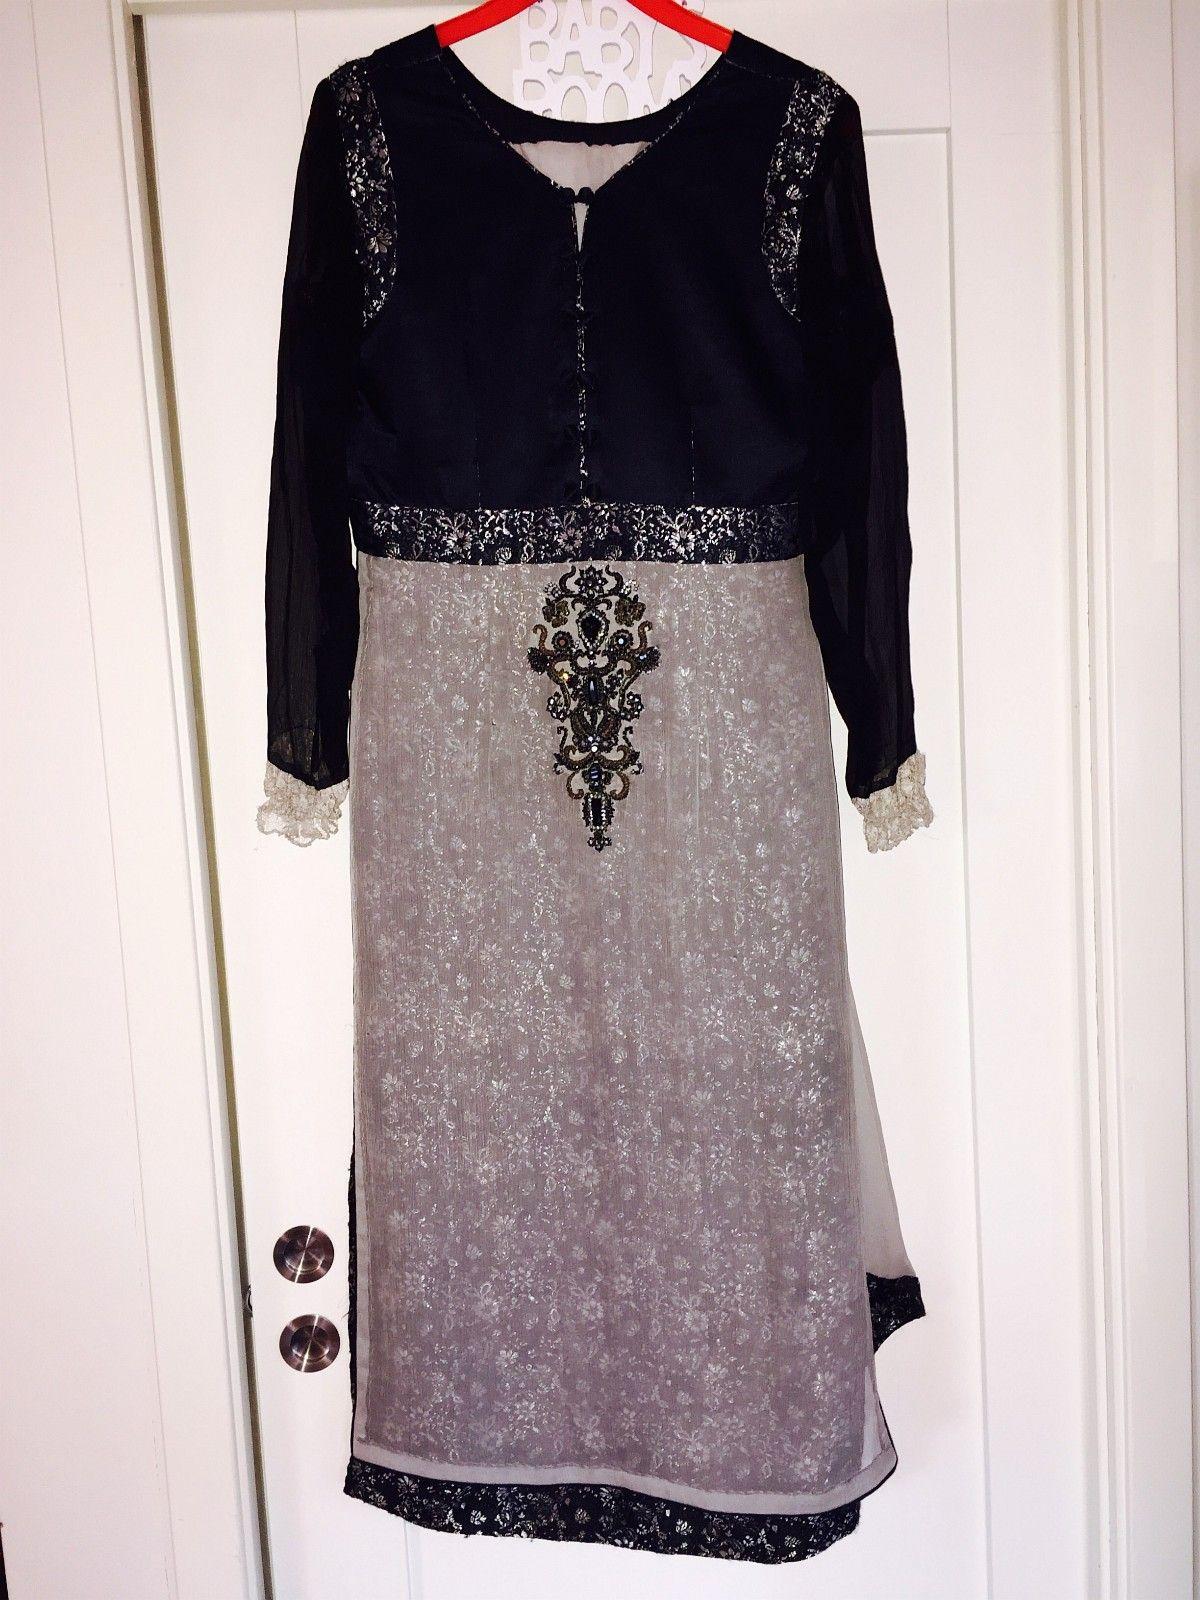 f849b601 Lekker kjole, bukse og sjal. Str 36/38. 399,- (NY) (1/18)